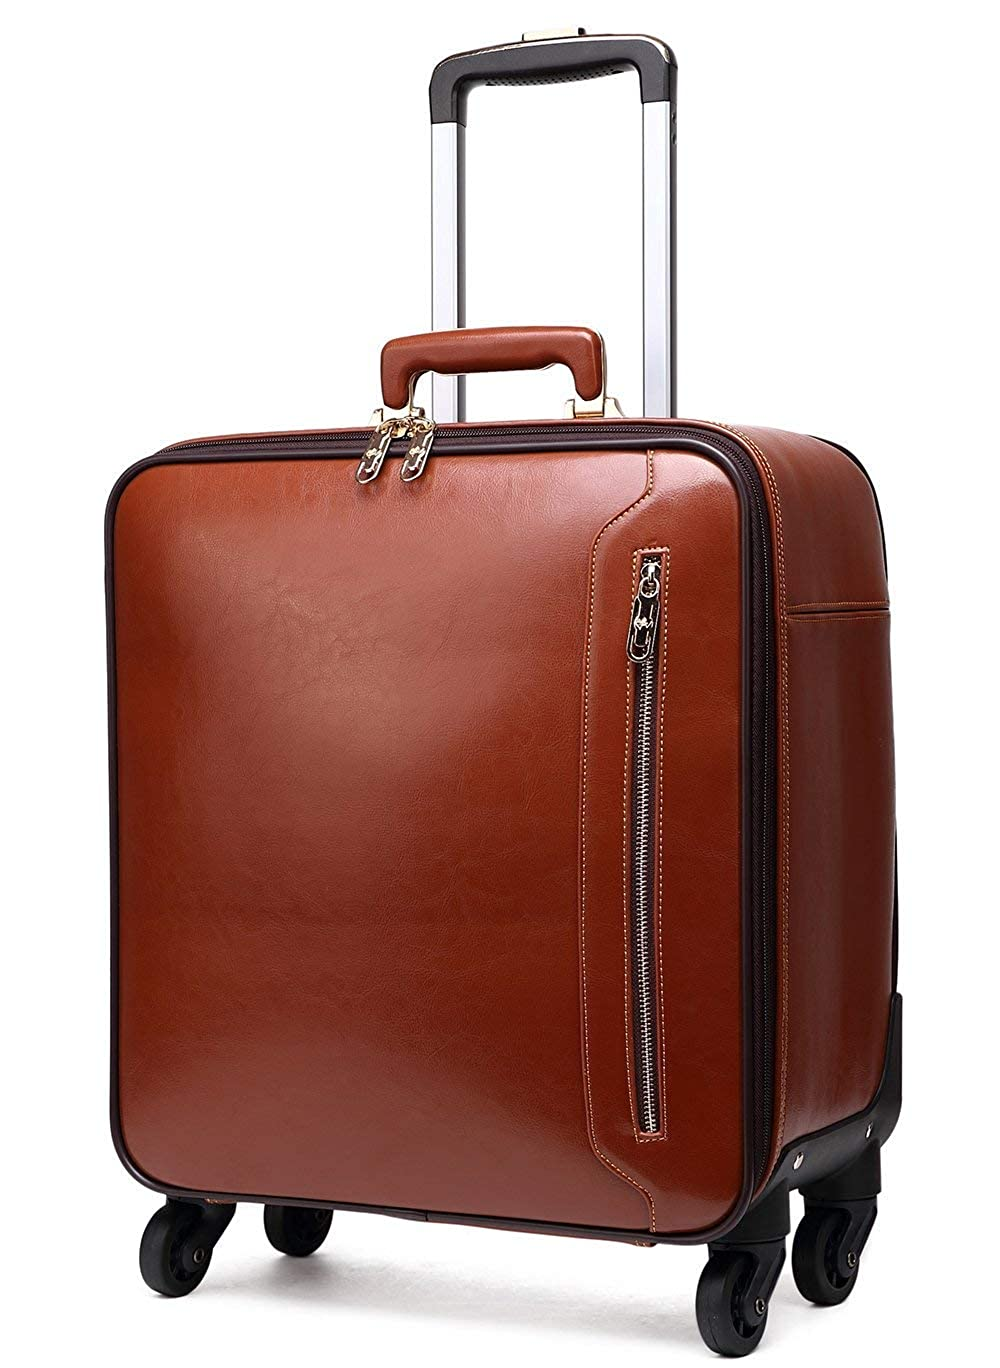 Osonm 本革牛革スーツケース キャリーバッグ キャスター ワニ模様 機内持ち込みスーツケース コンピューターパック 旅行 出張 2527P1 B07GMMRL76 ブラウン S